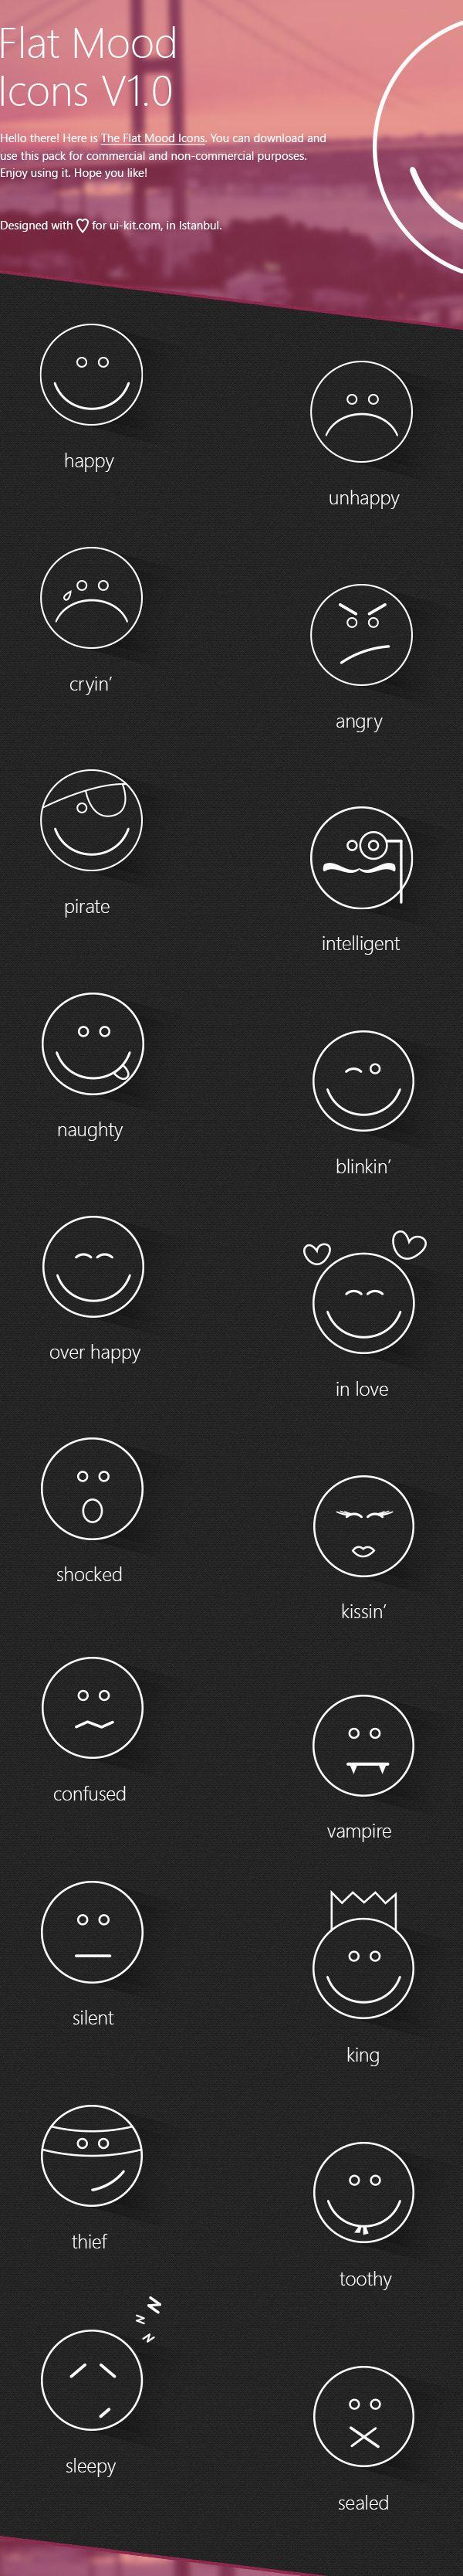 Flat Mood Icons by Deniz Hacisalihoglu, via Behance